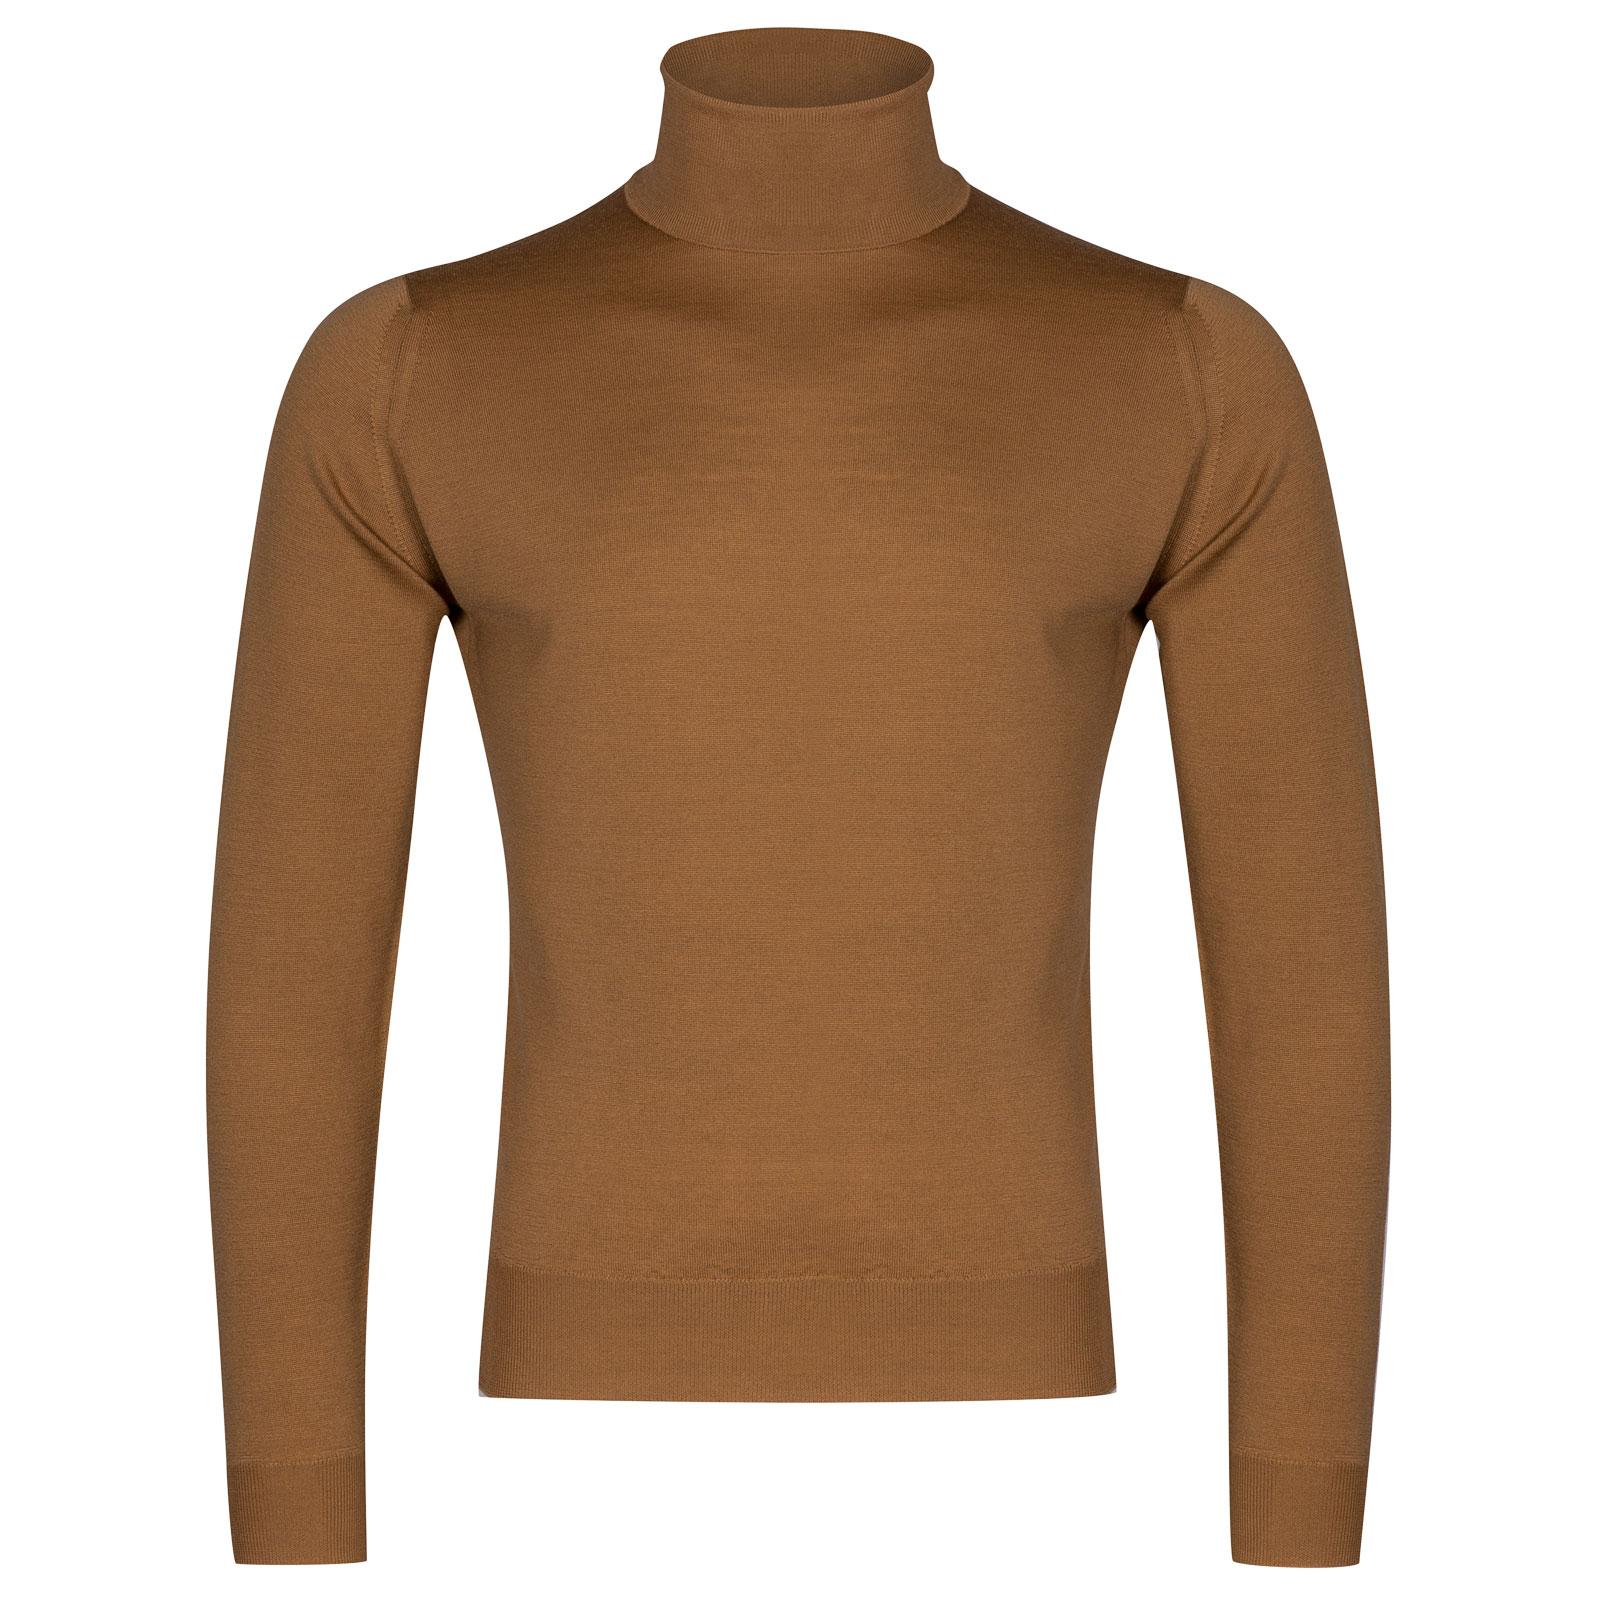 John Smedley Orta Merino Wool Pullover in Camel-S